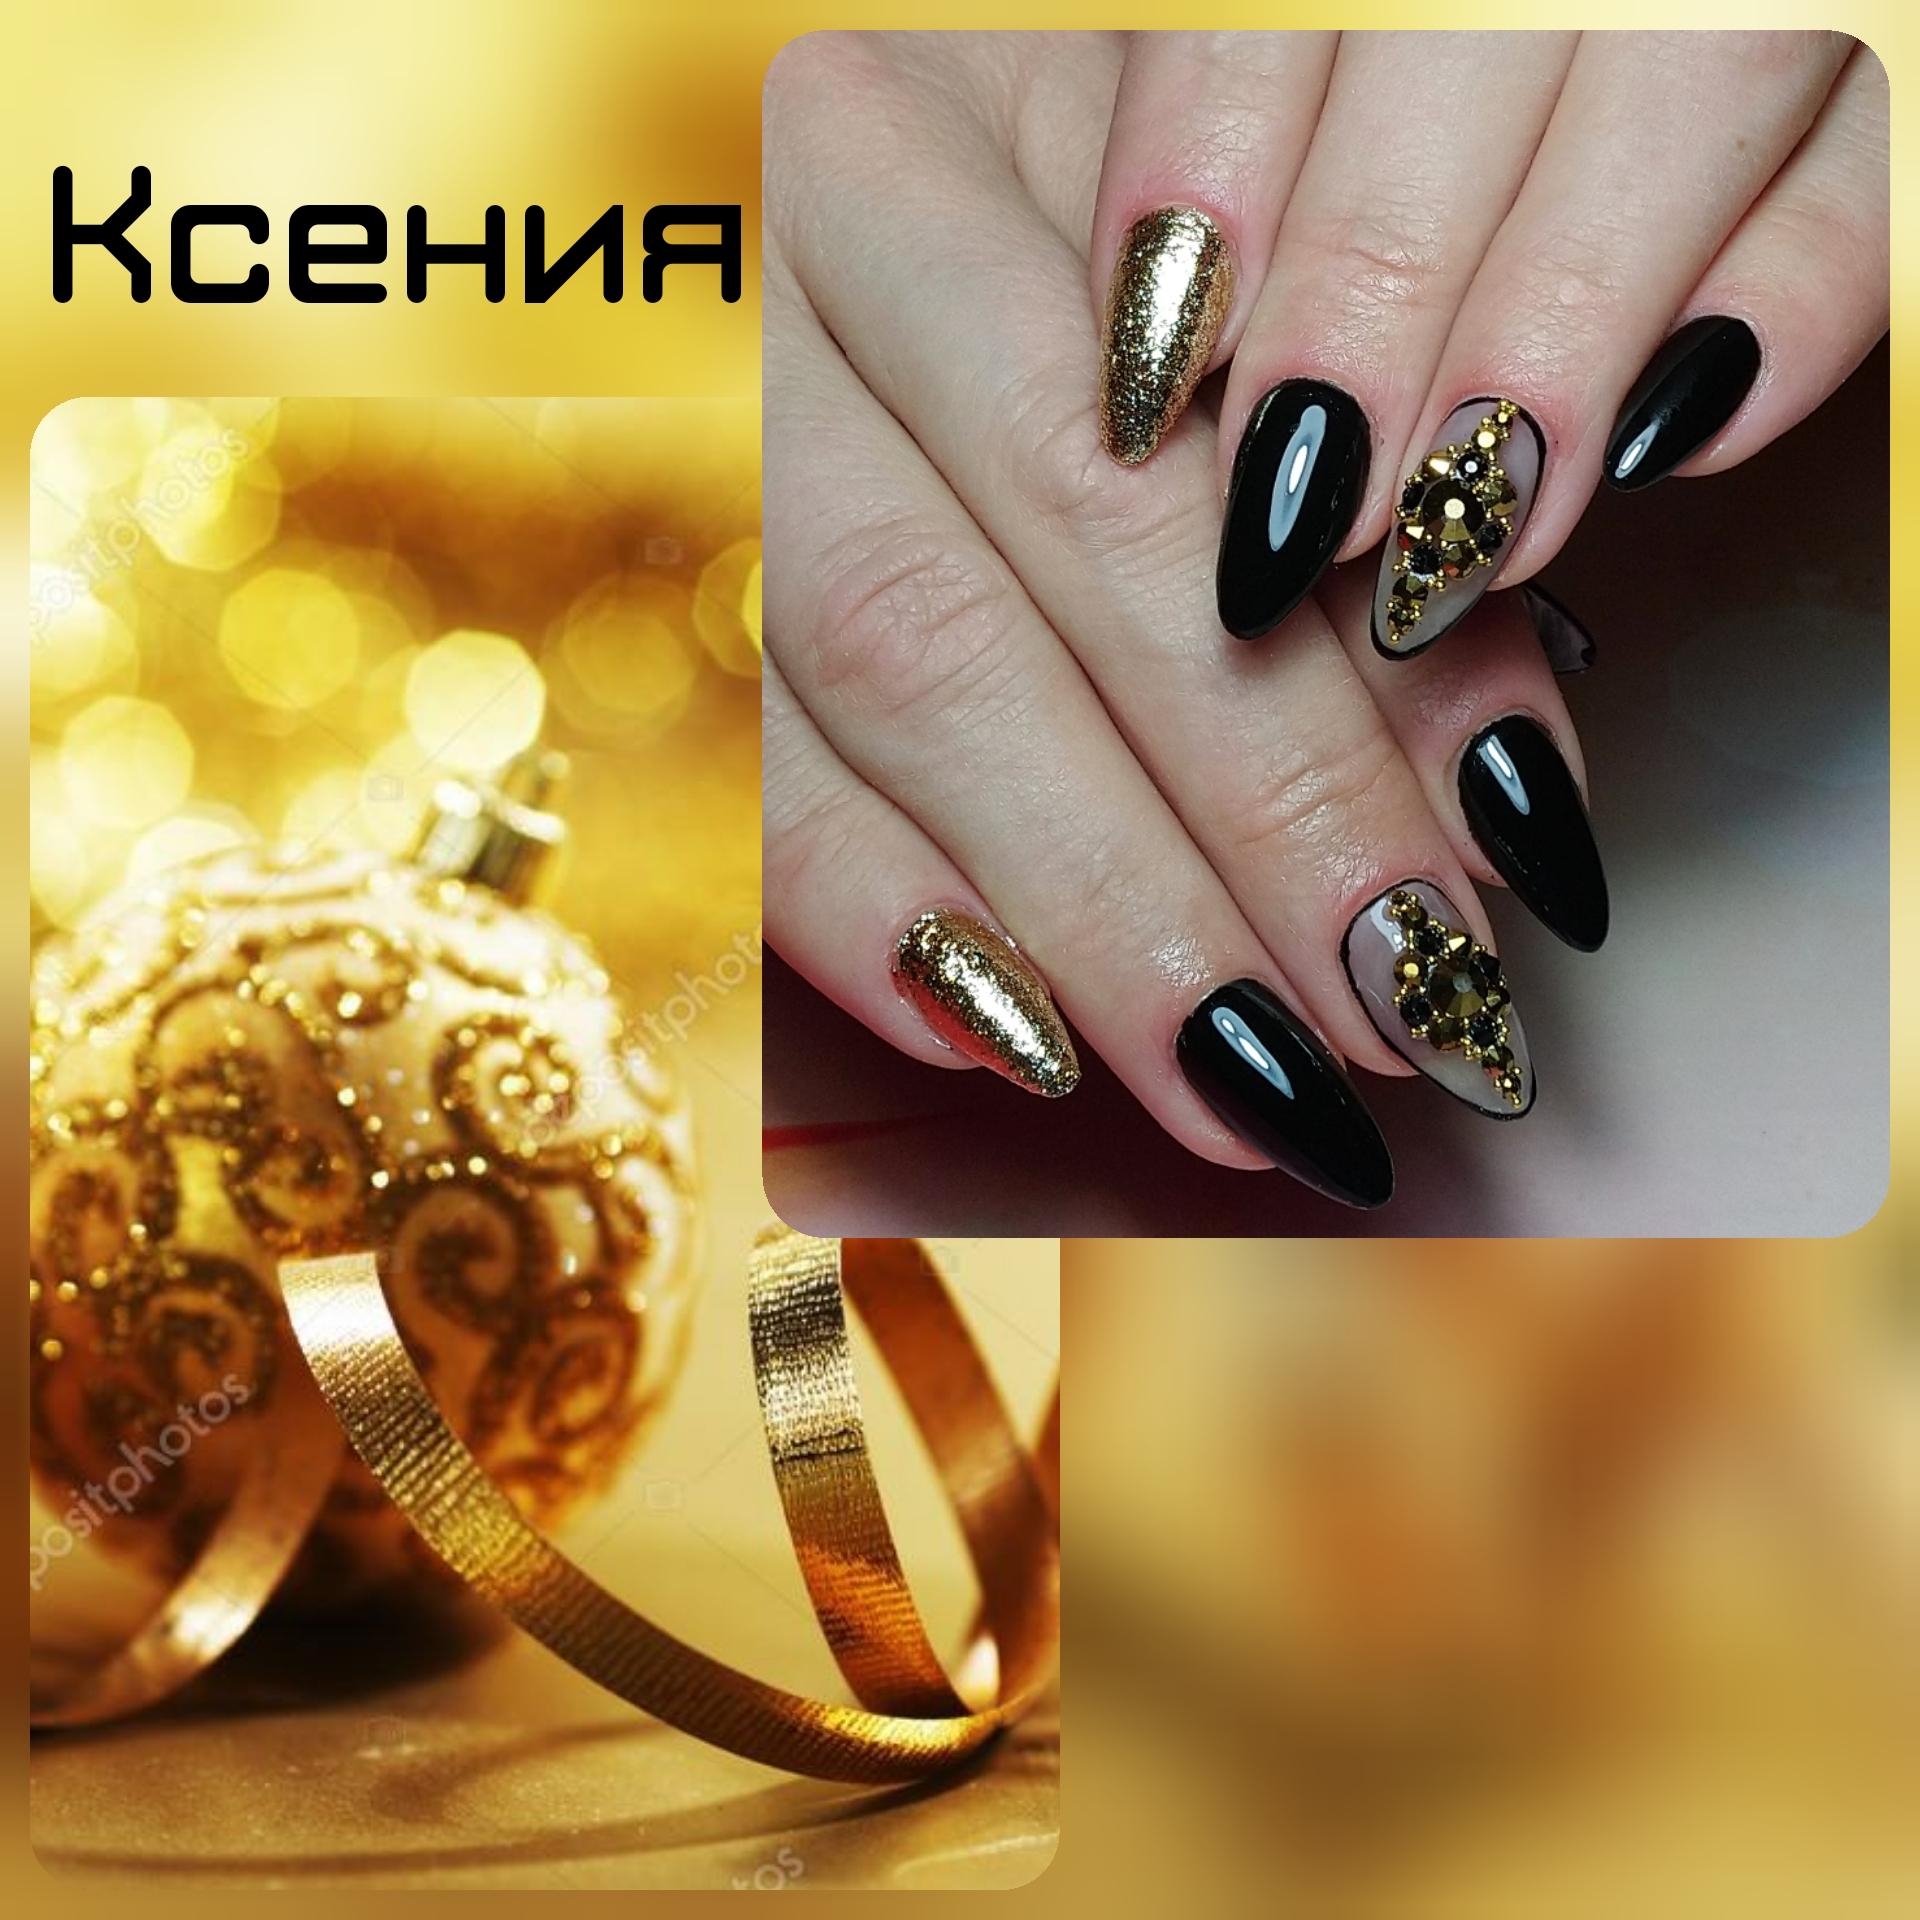 Маникюр в чёрном цвете с нюдовым прозрачным дизайном, золотыми блёстками и стразами.